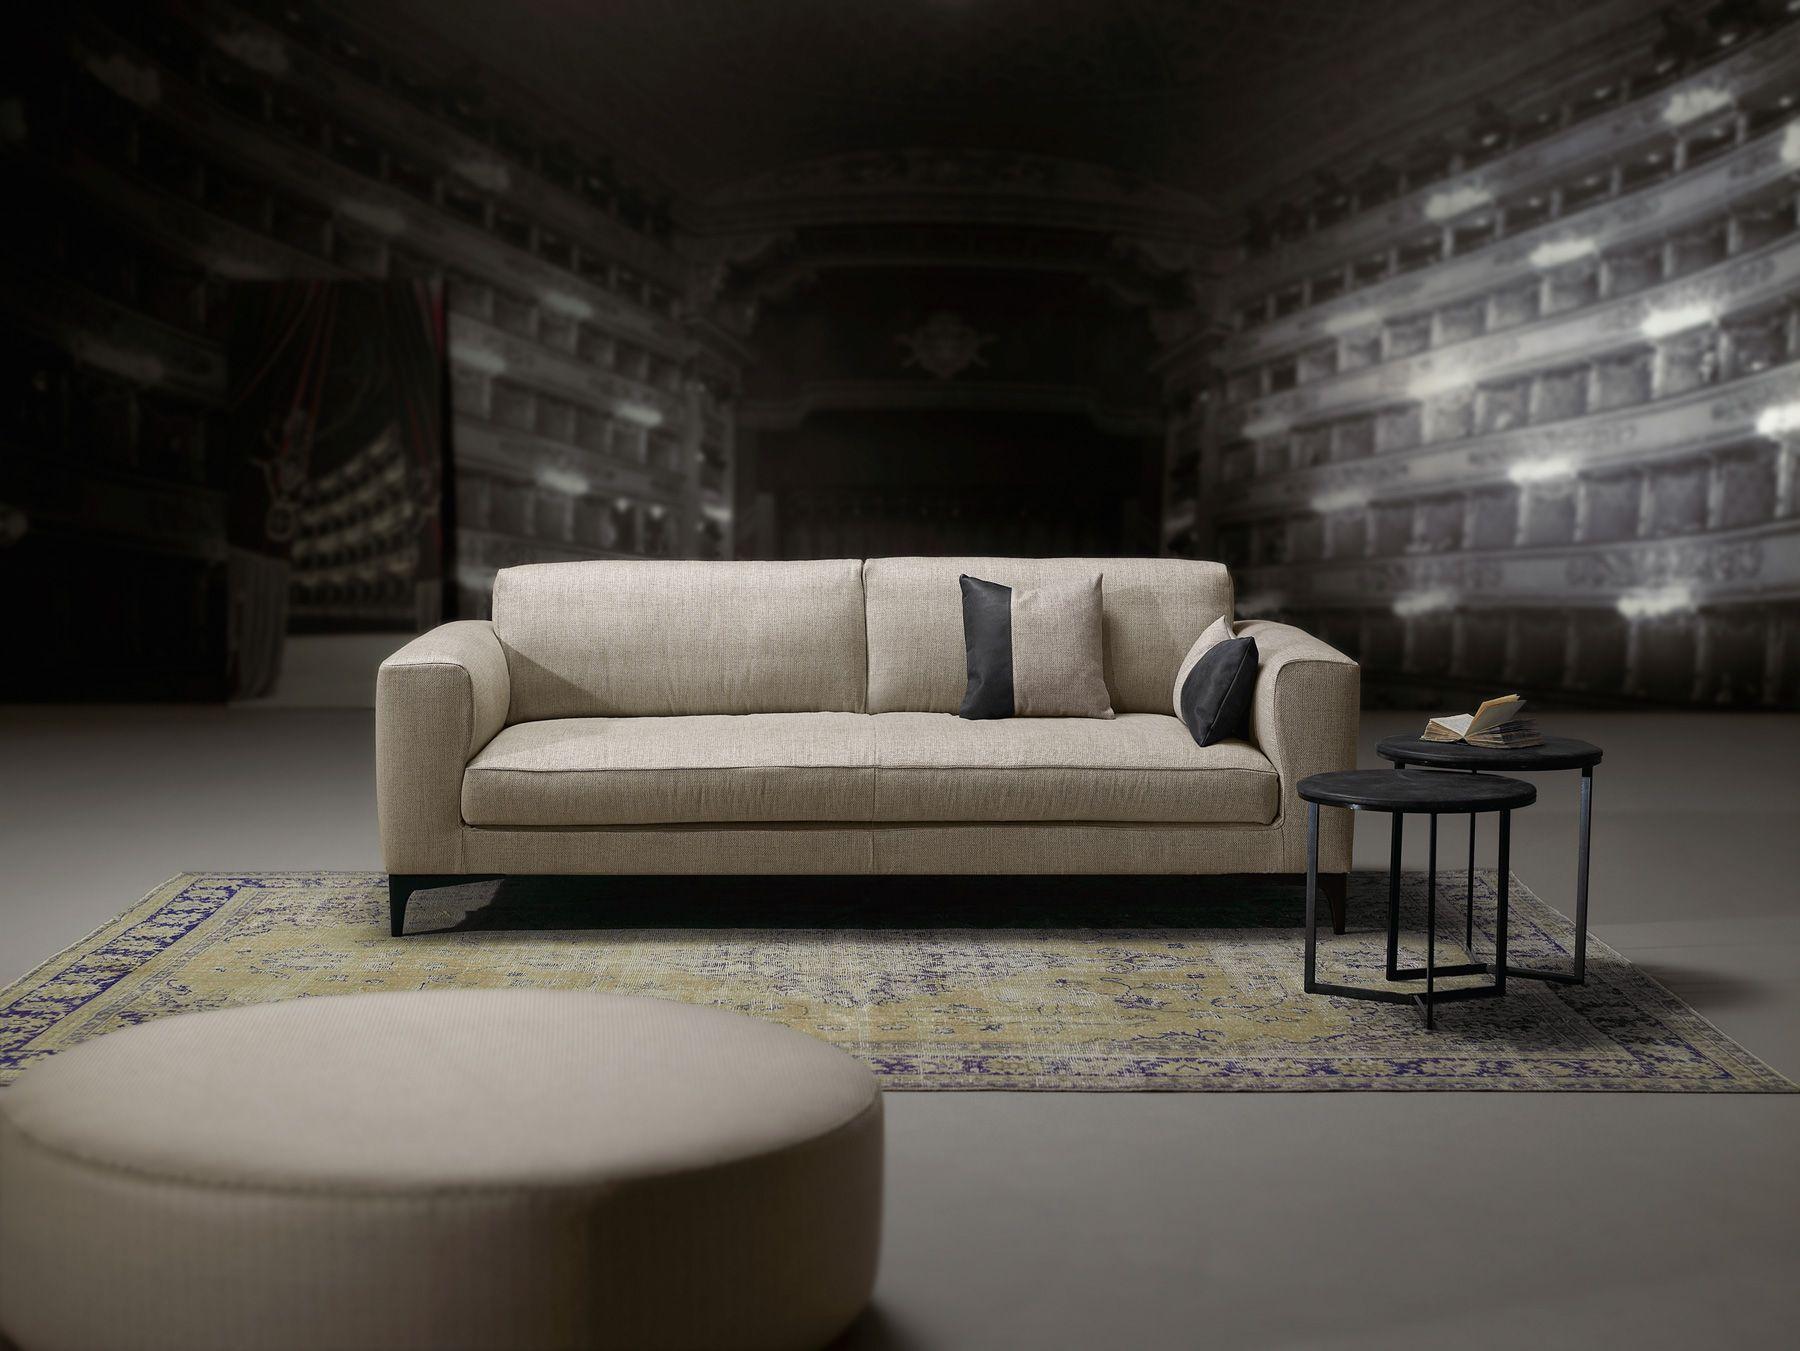 VIP Upholstered Furniture PRIANERA VALENTINO Series